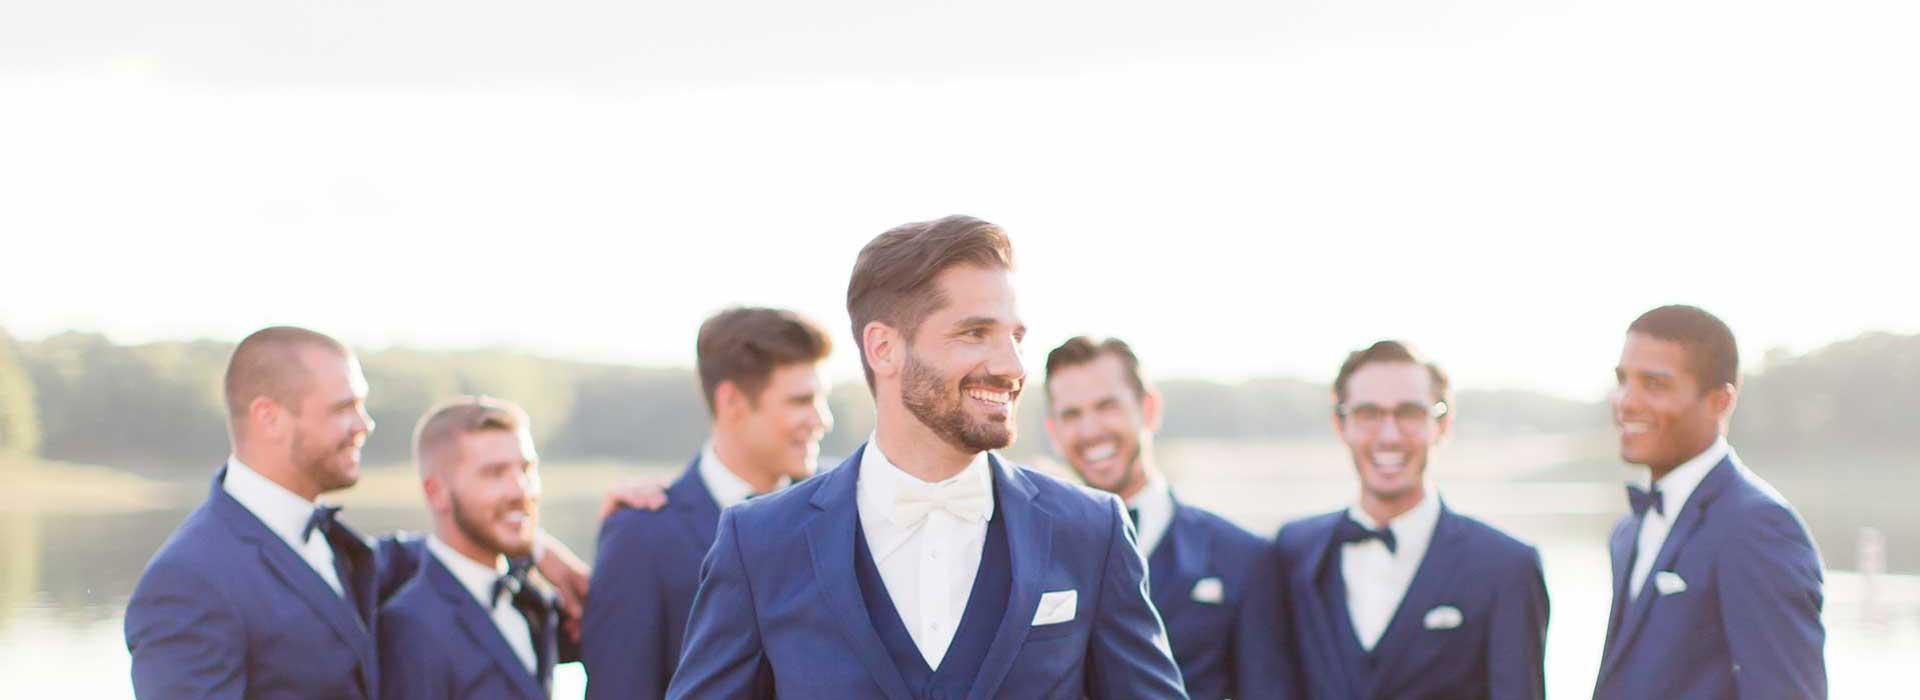 Savvi Formalwear October 2019 Special Slider image